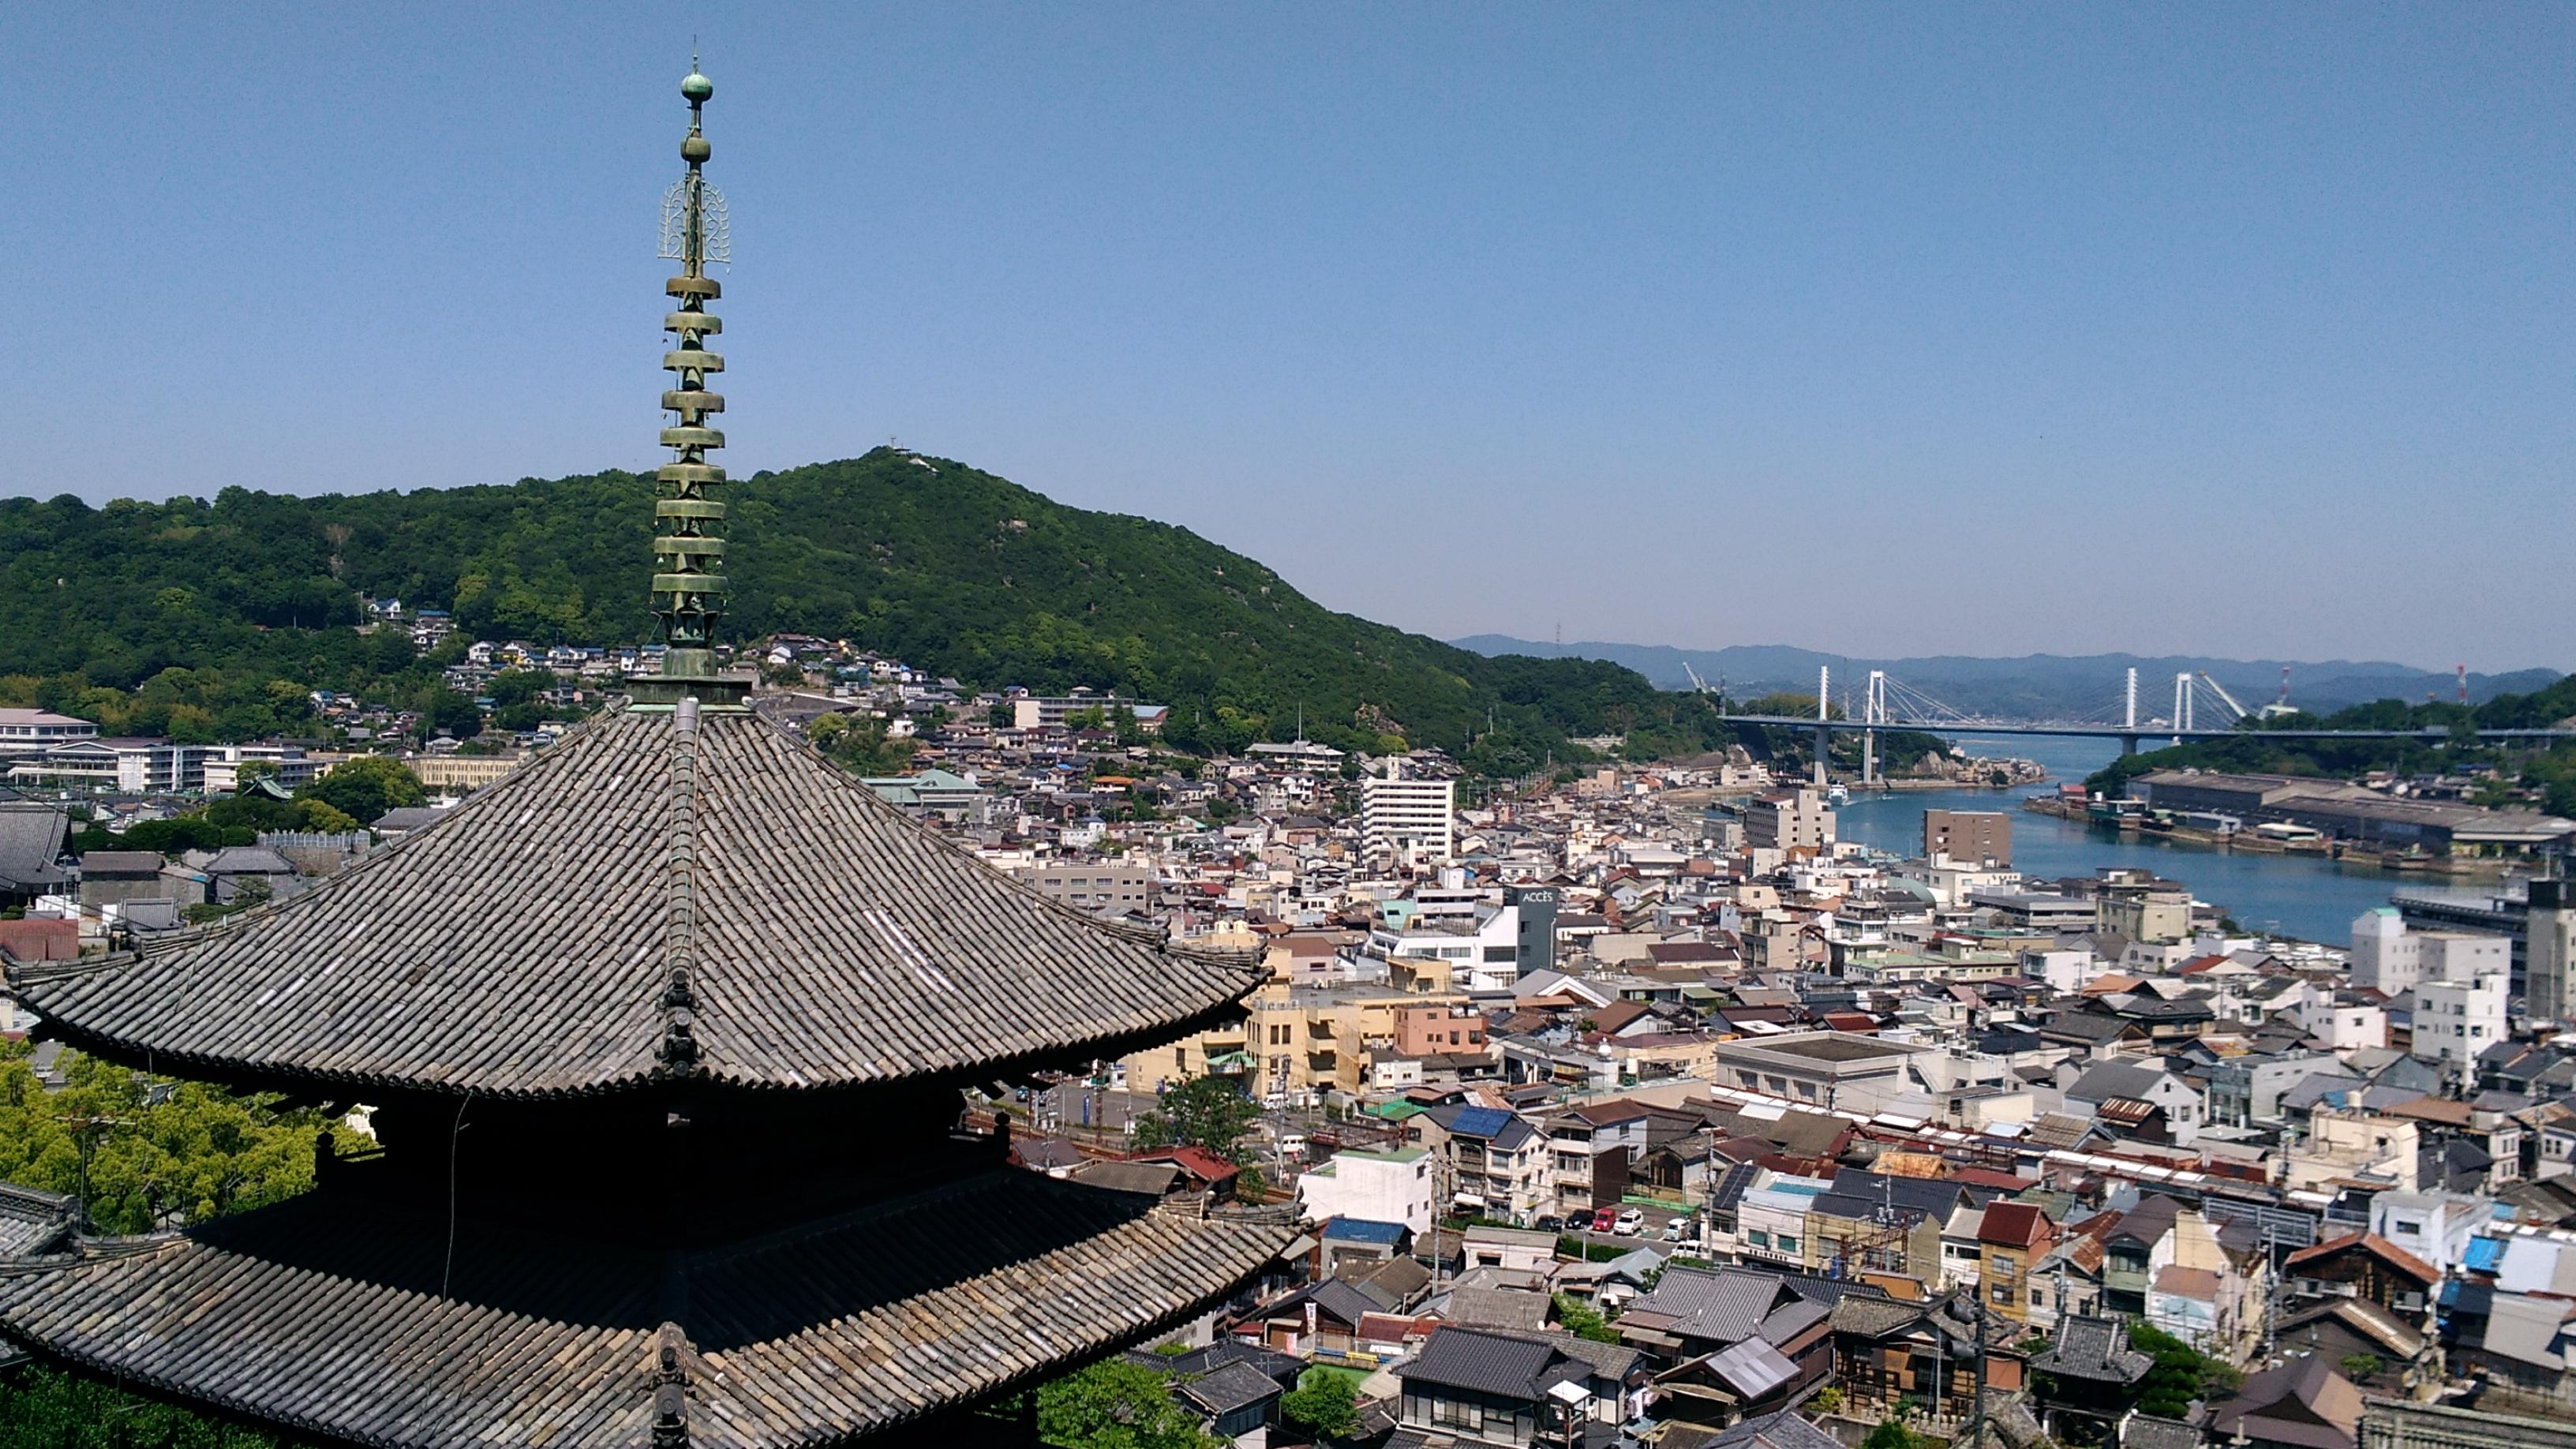 「ブラタモリ」でタモリさんが訪れた【尾道の名所・ポイント】を追跡してご紹介します!